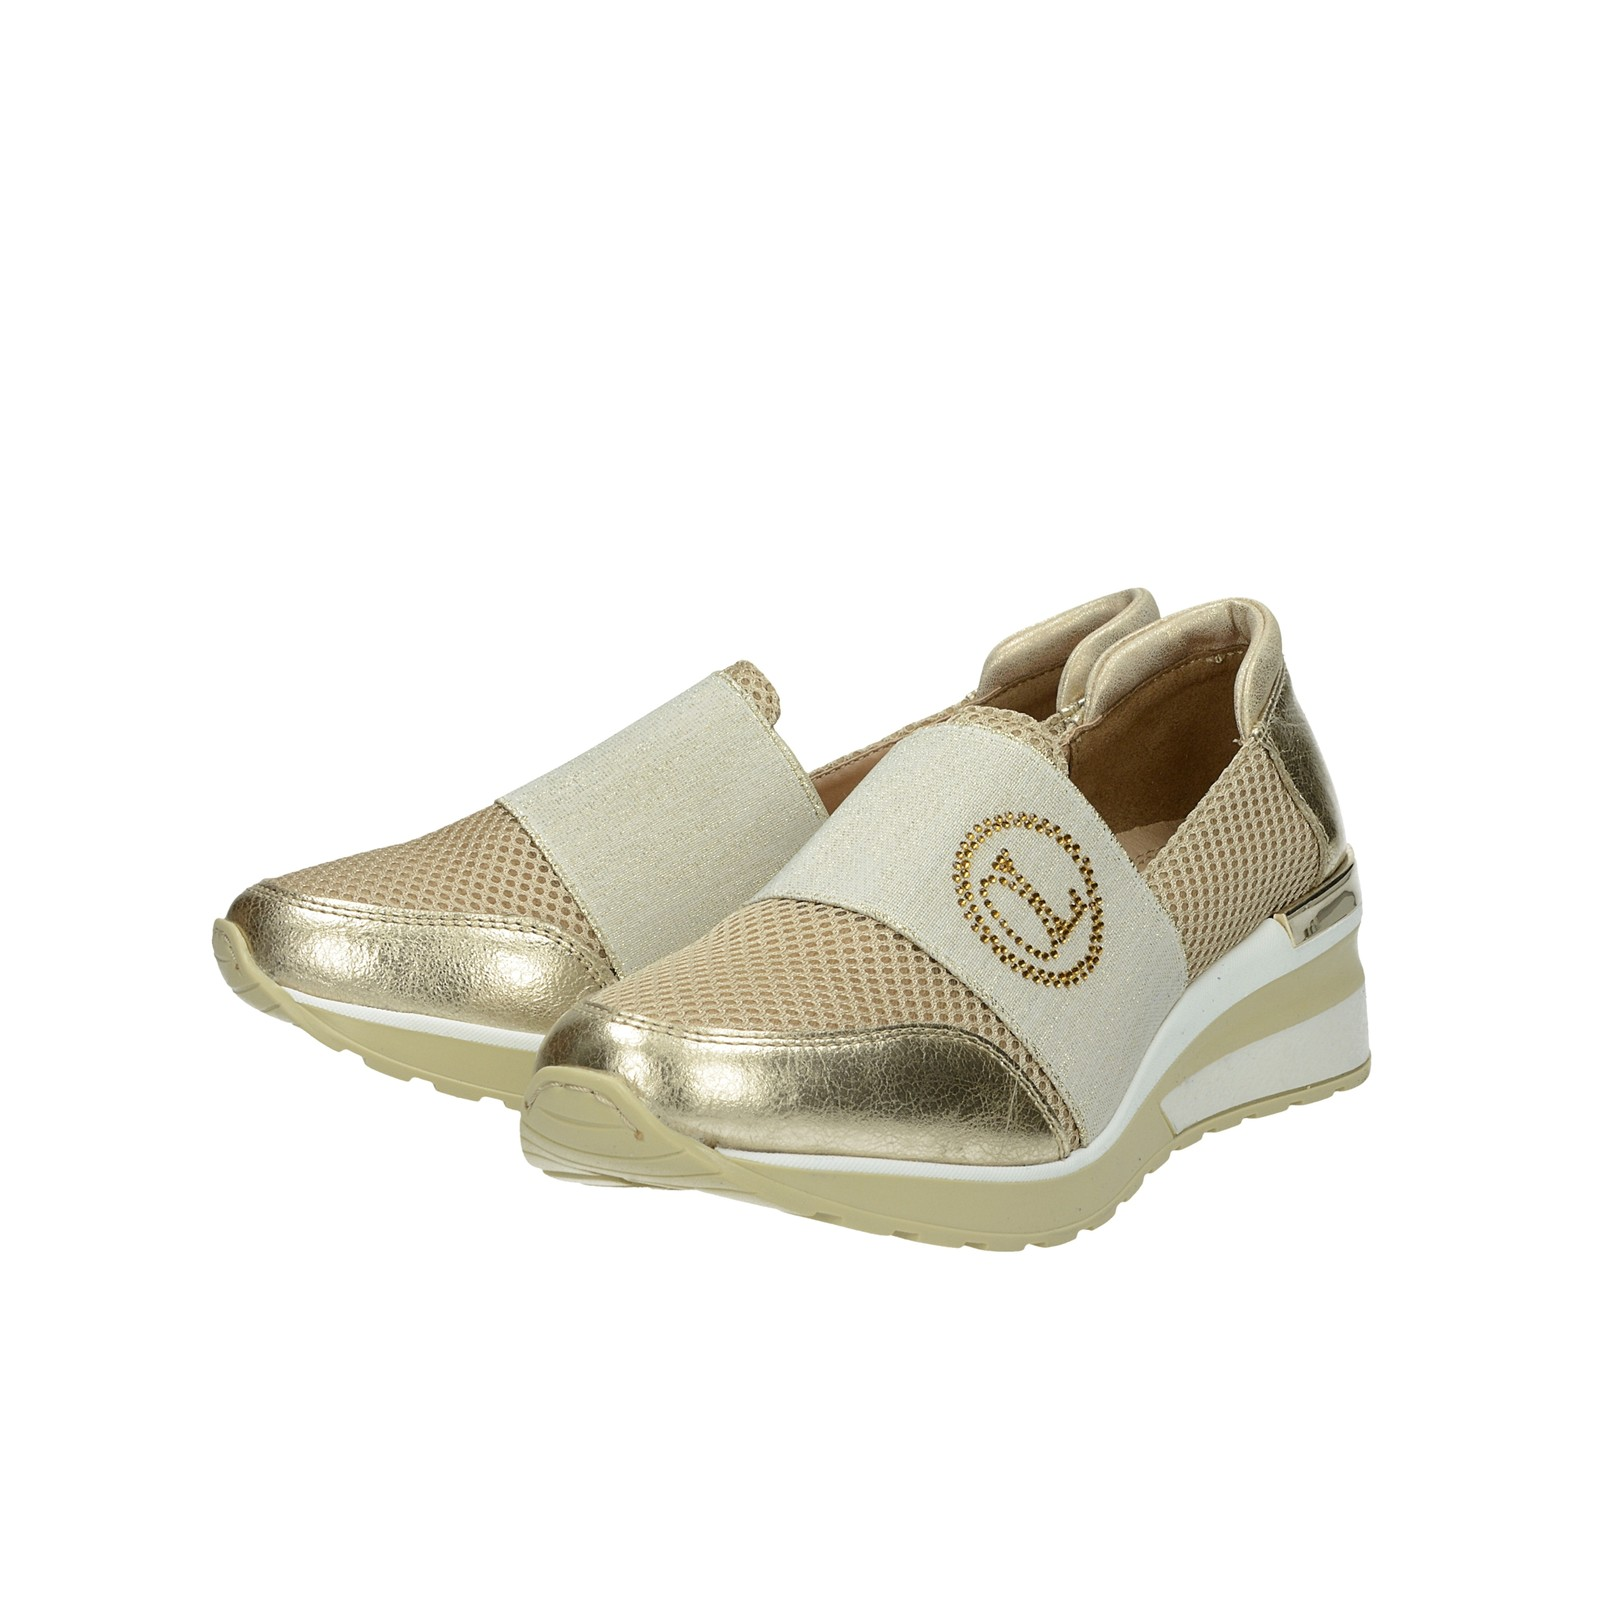 a1c0ebfc3194 Olivia shoes dámske kožené štýlové poltopánky - zlaté ...